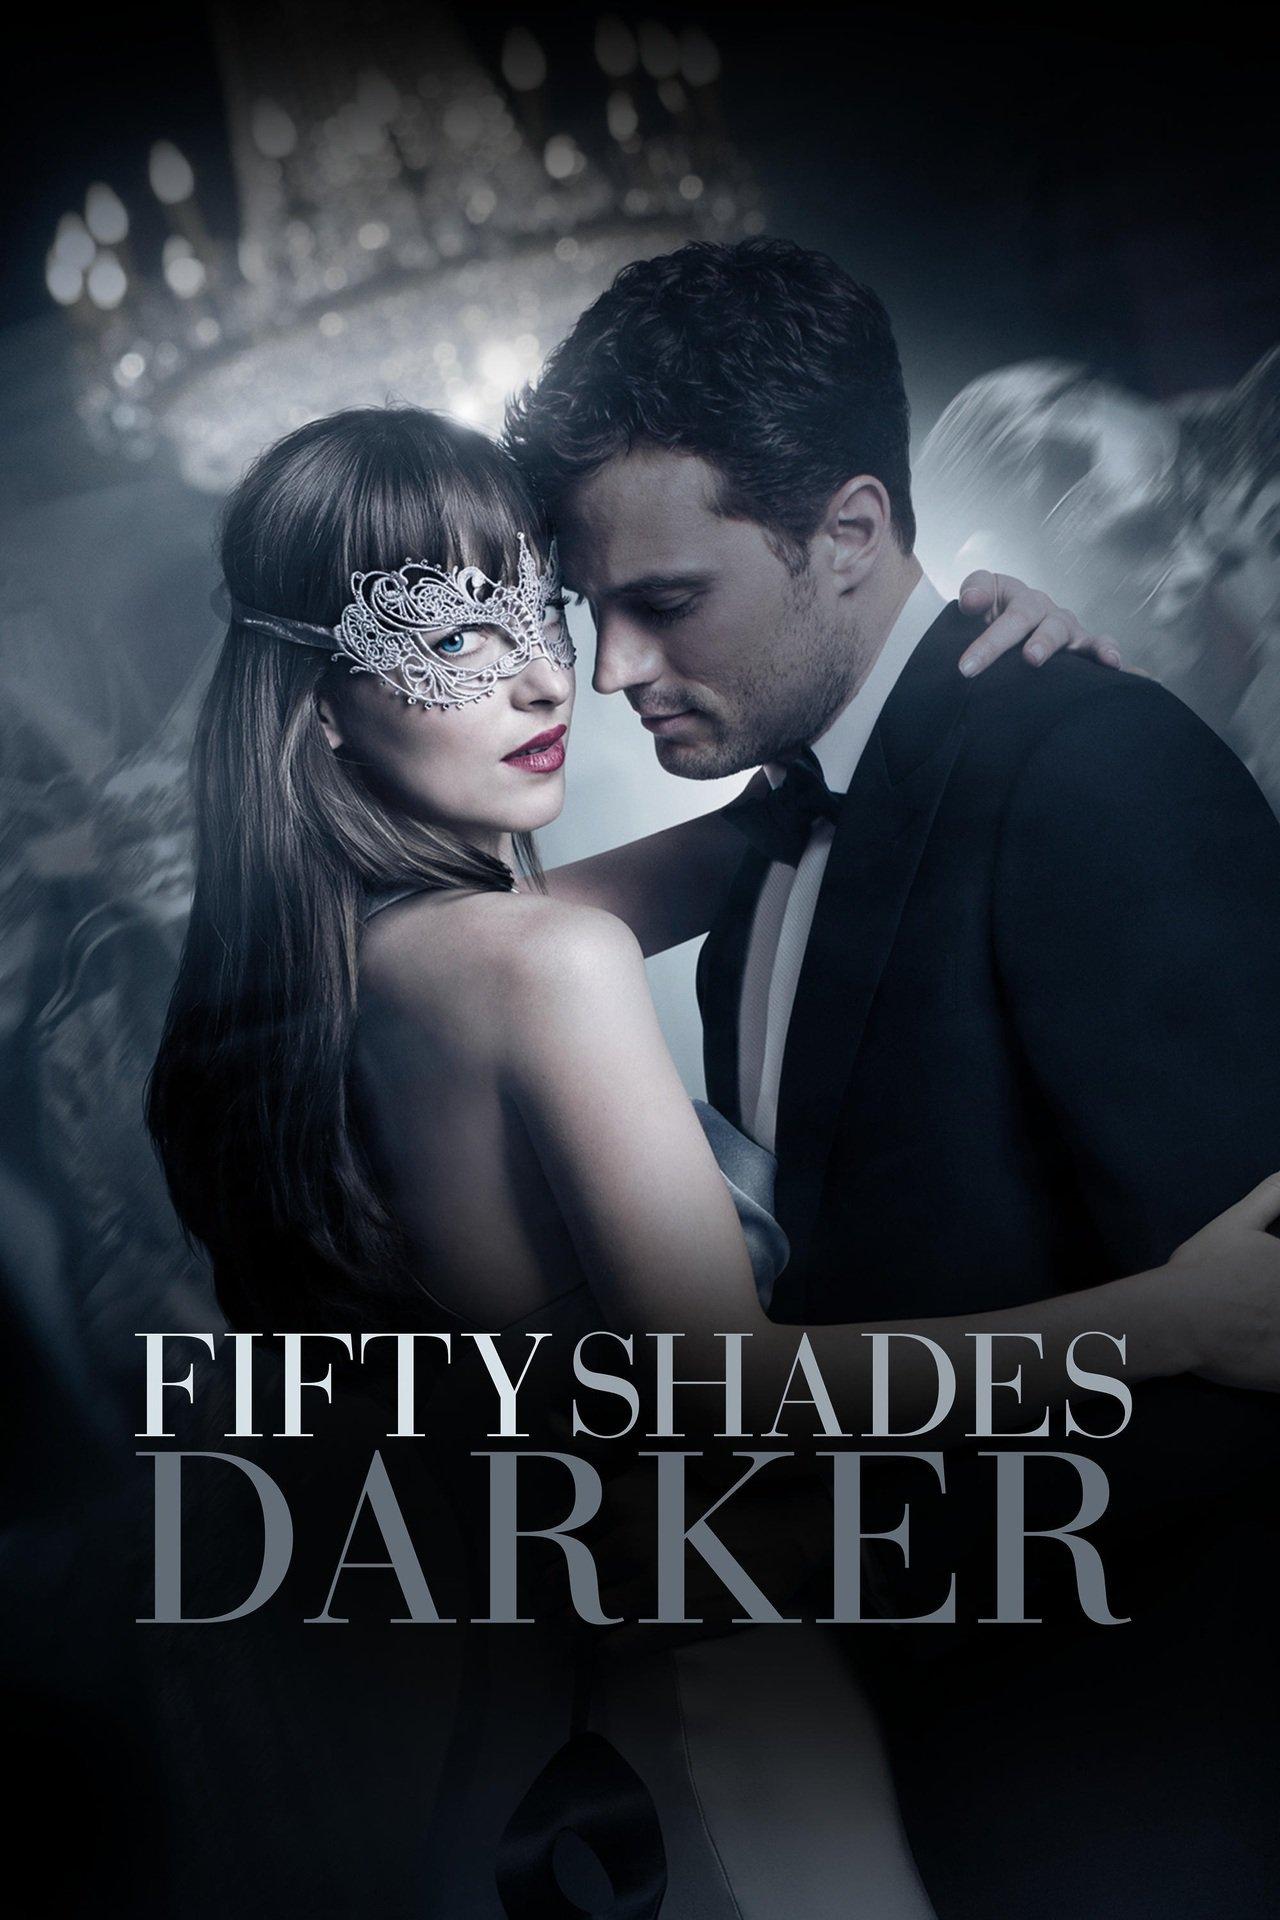 ორმოცდაათი ელფერით მუქი / Fifty Shades Darker